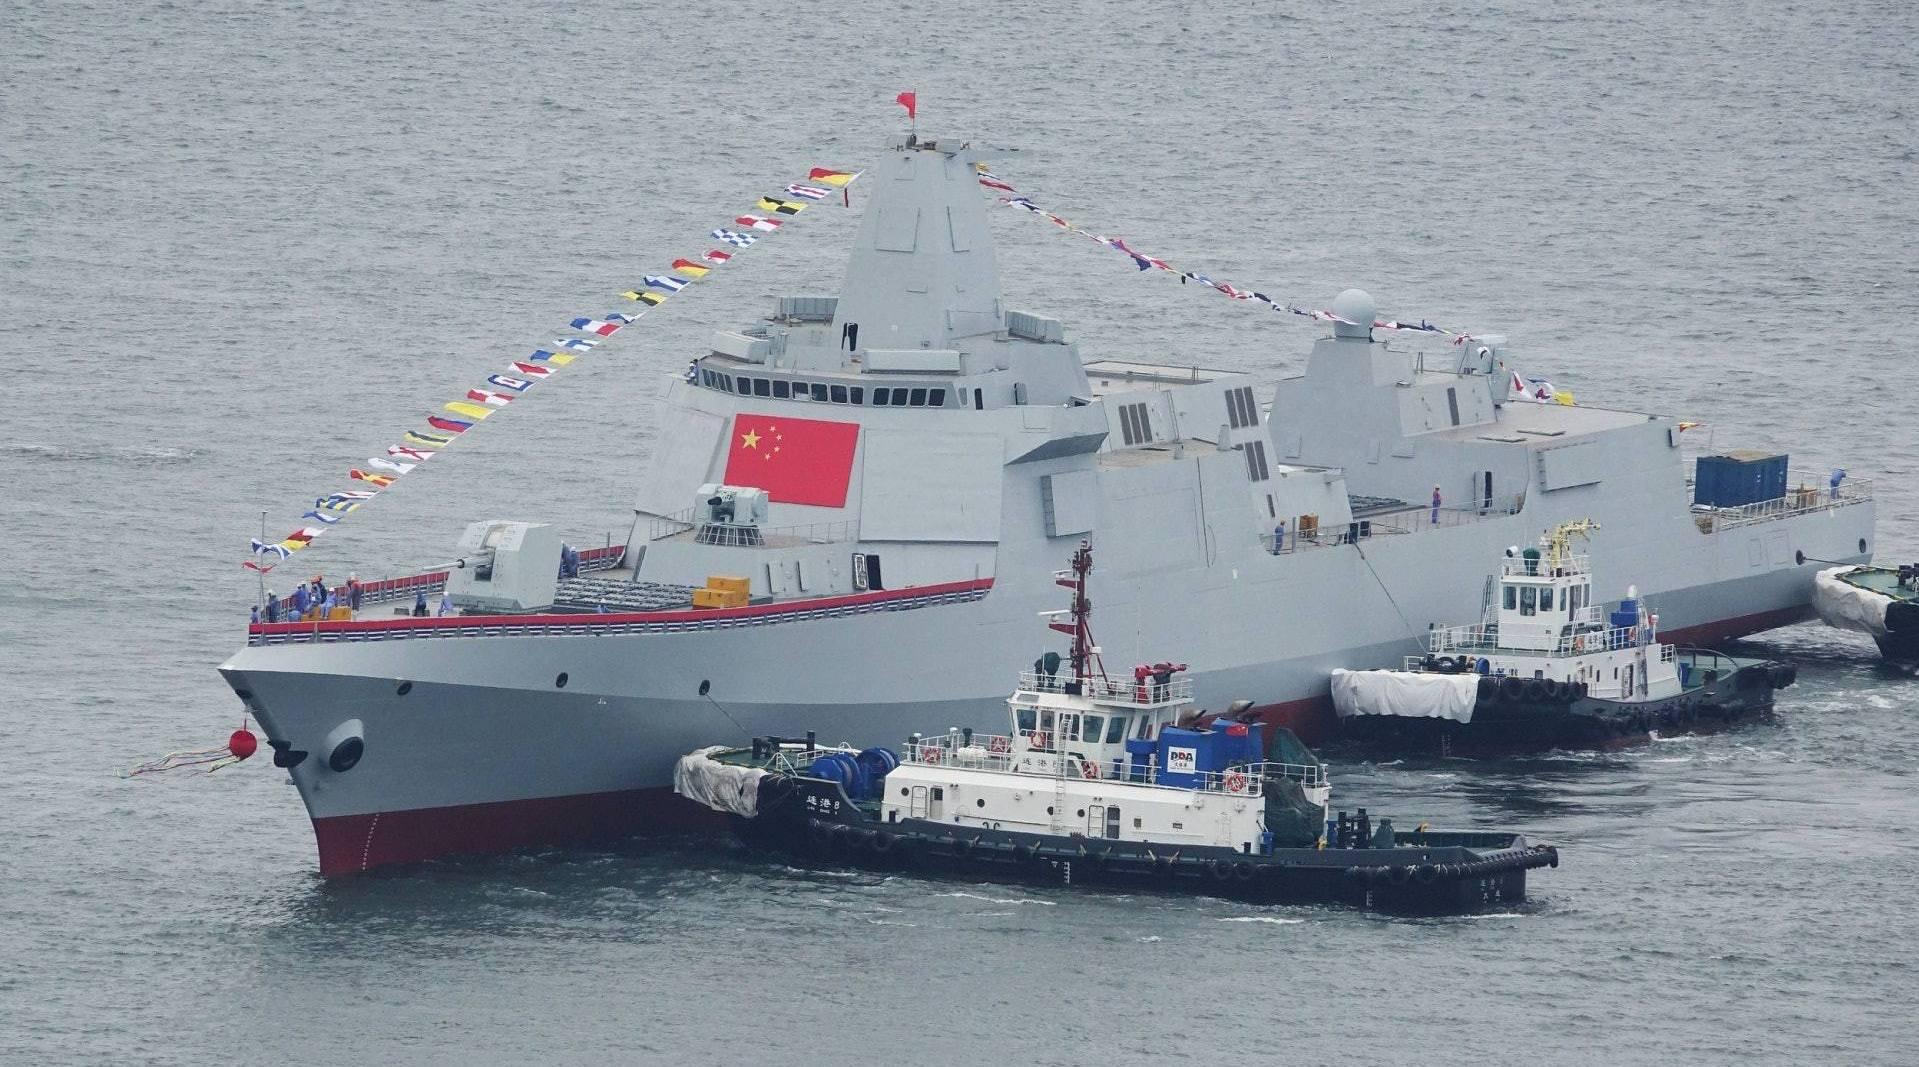 055万吨驱逐舰有多厉害?携带500枚导弹,一门舰炮可压制一个炮兵